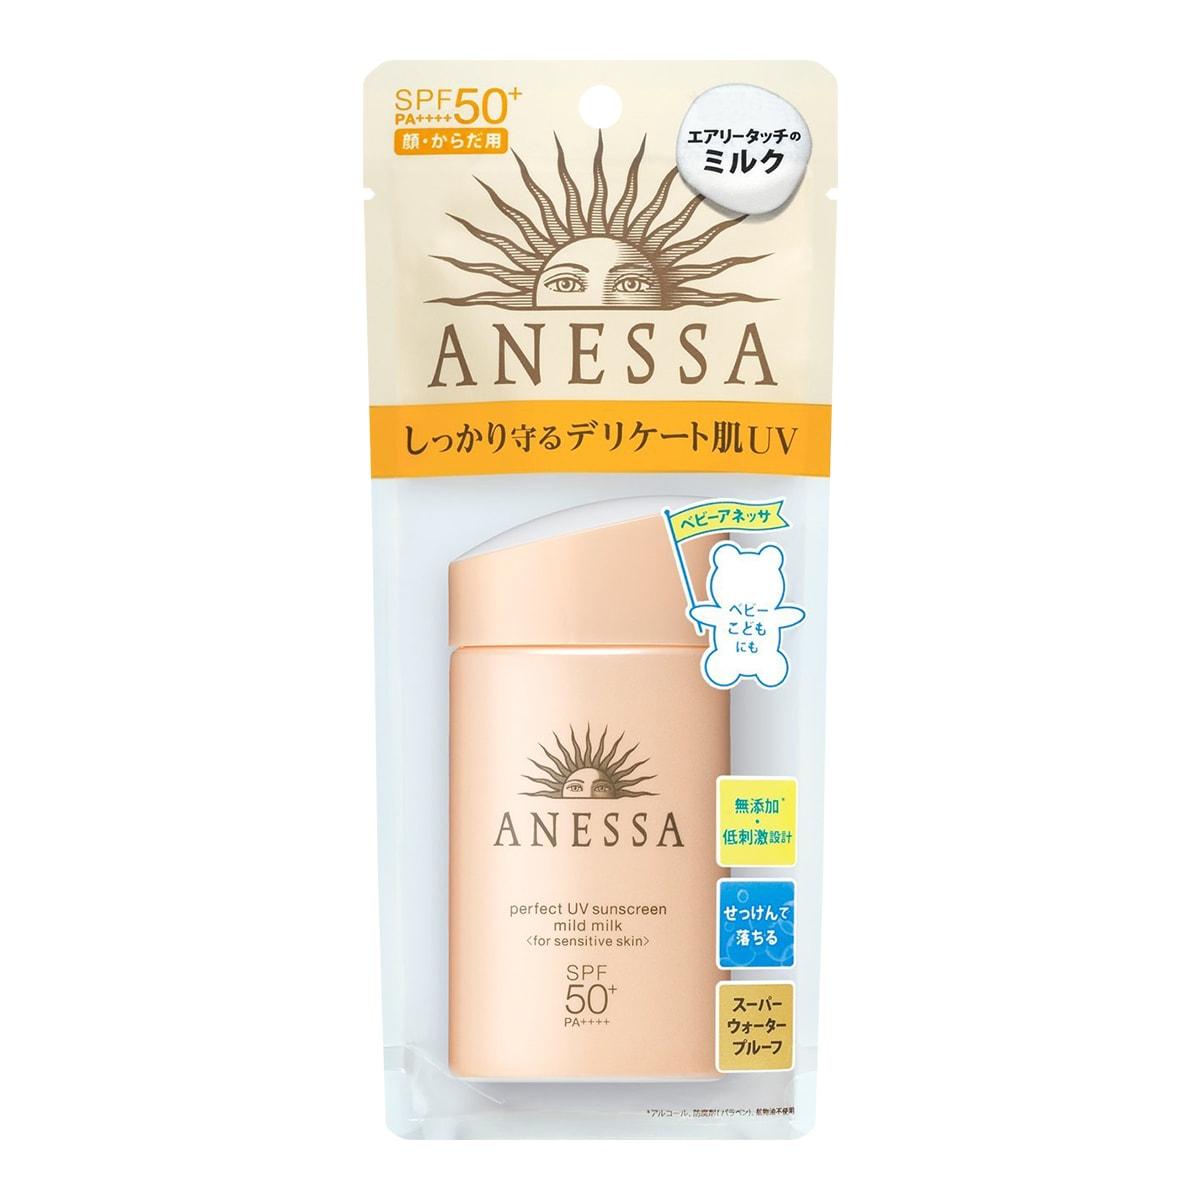 日本SHISEIDO资生堂 ANESSA安耐晒 粉金瓶敏感肌无添加防晒霜 SPF50+ PA++++ 60ml 2018版